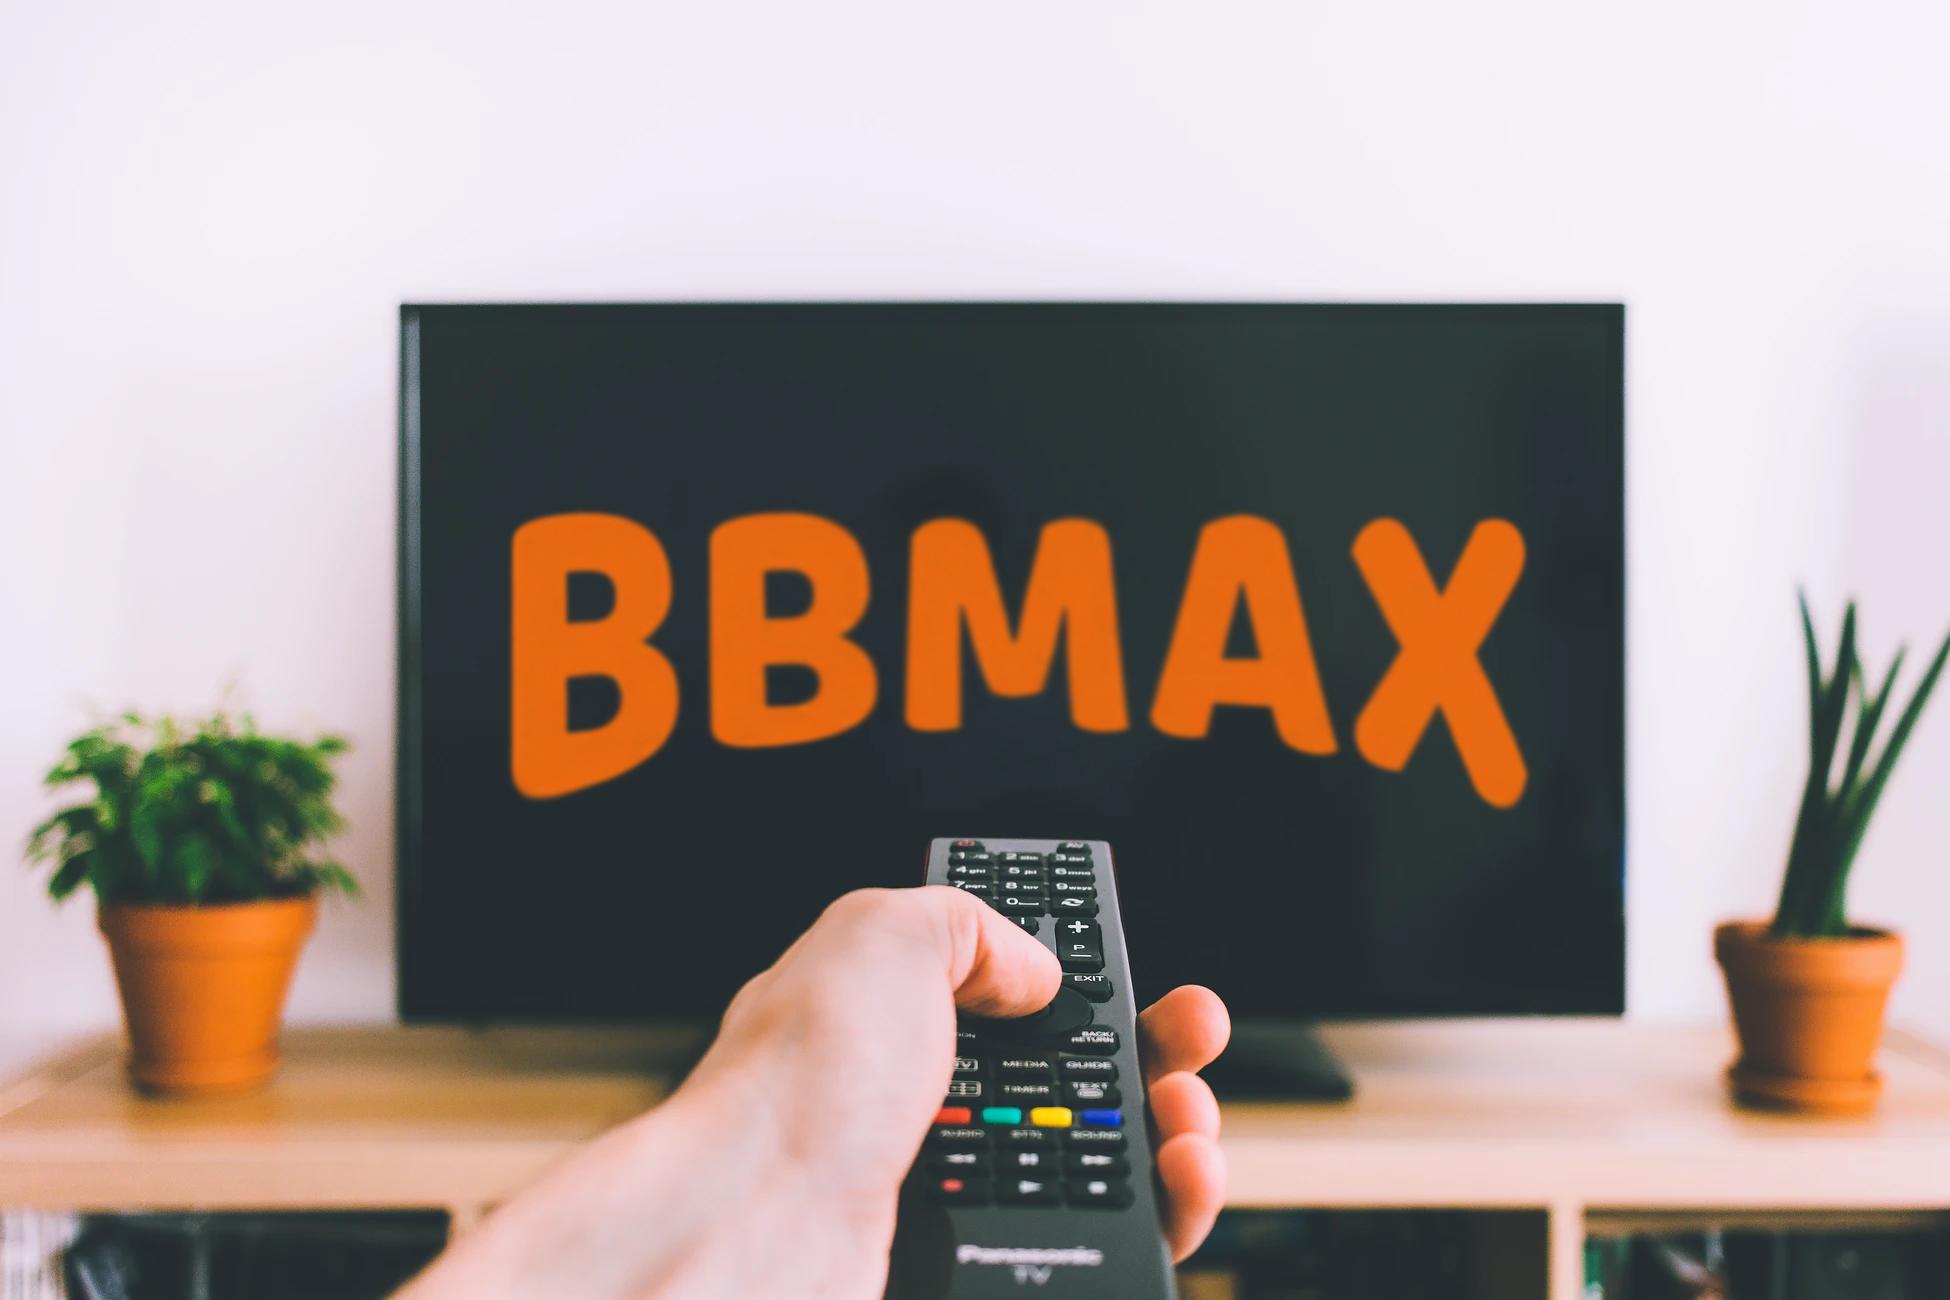 bbmax,ビービーマックス,ベトナム,テレビ,日本の番組